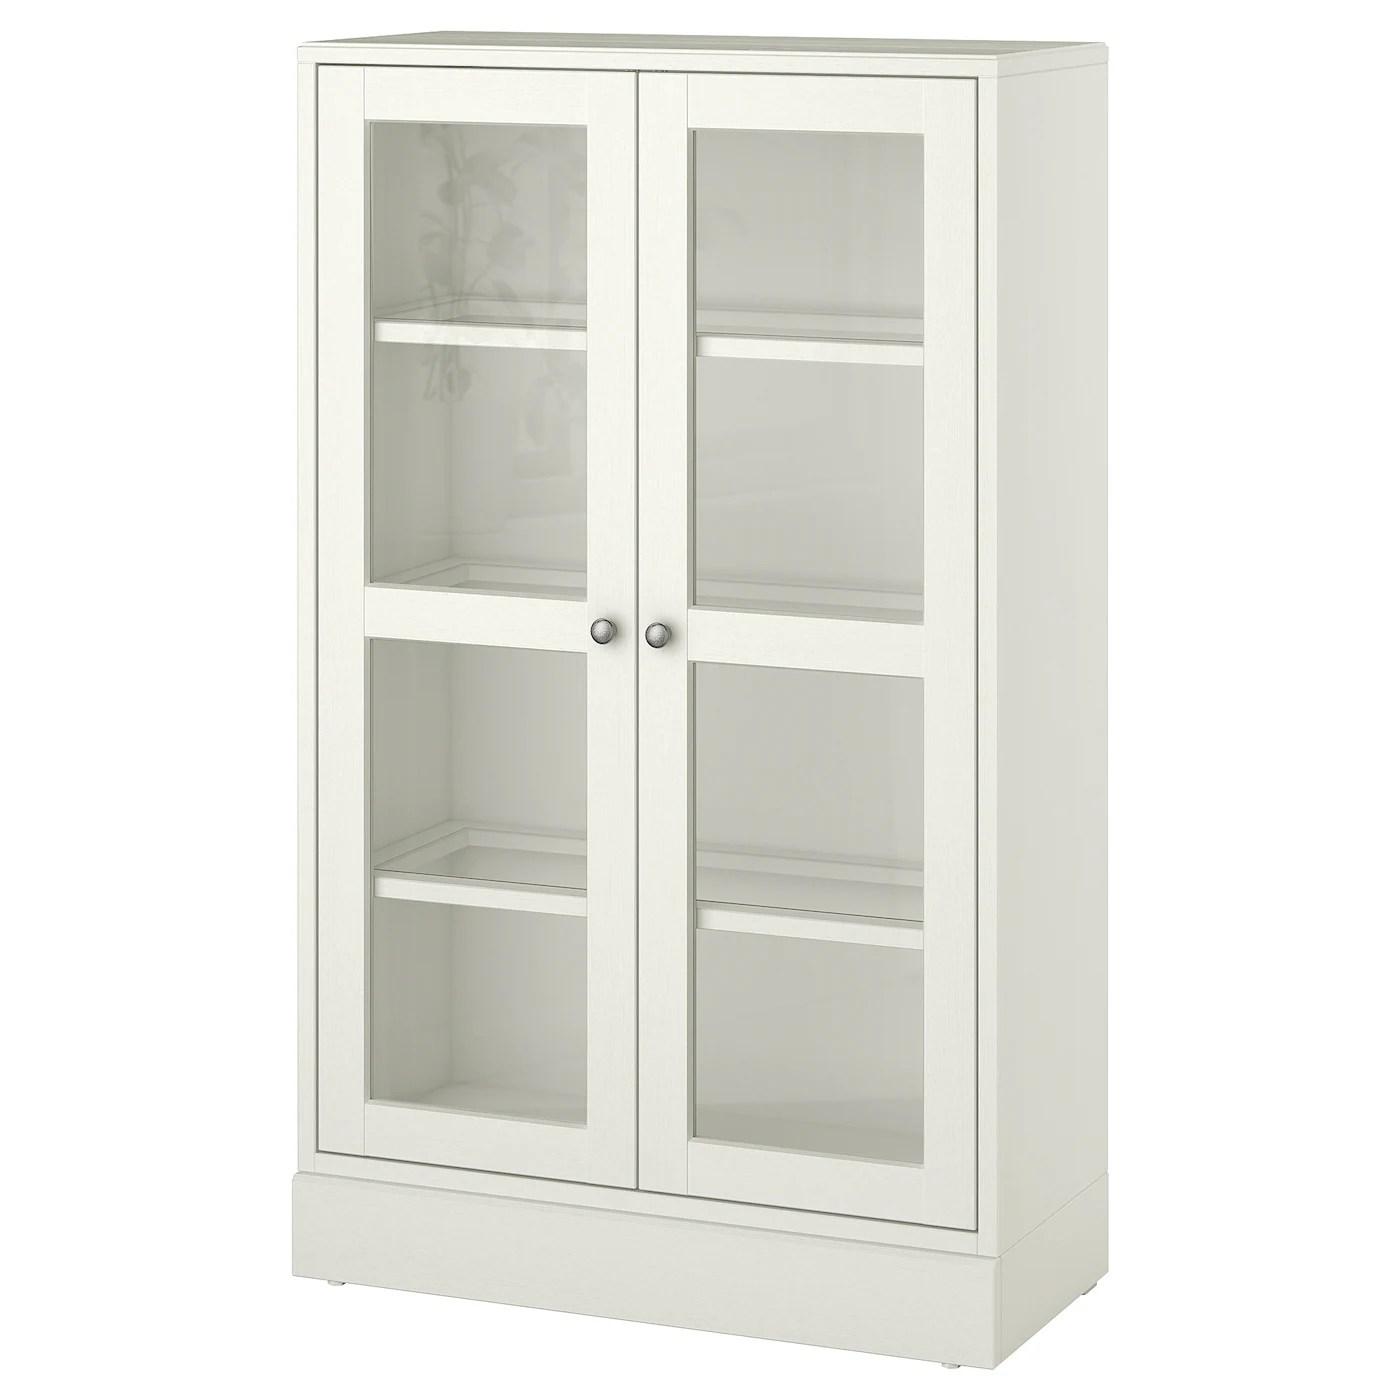 havsta armoire vitree avec plinthe verre transparent blanc 31 7 8x14 5 8x52 3 4 81x37x134 cm